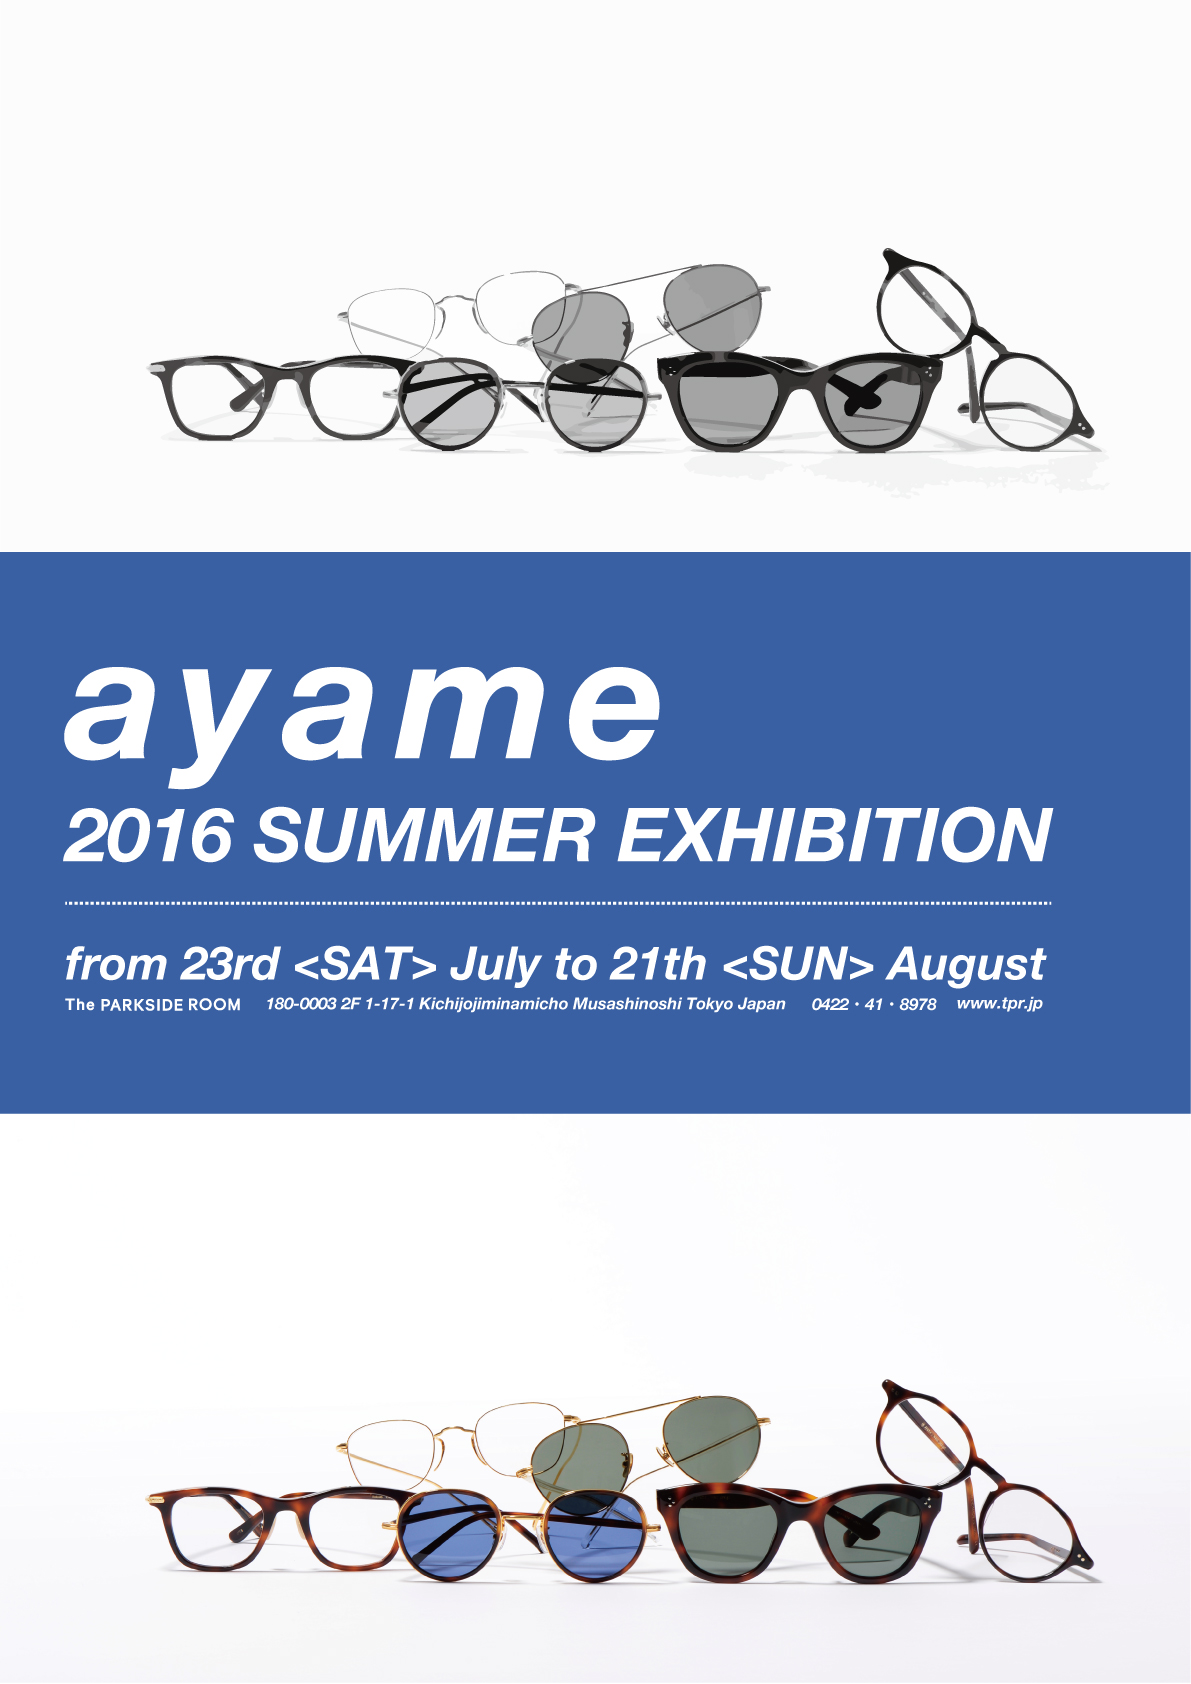 201607_ayame_fair_poster_A2